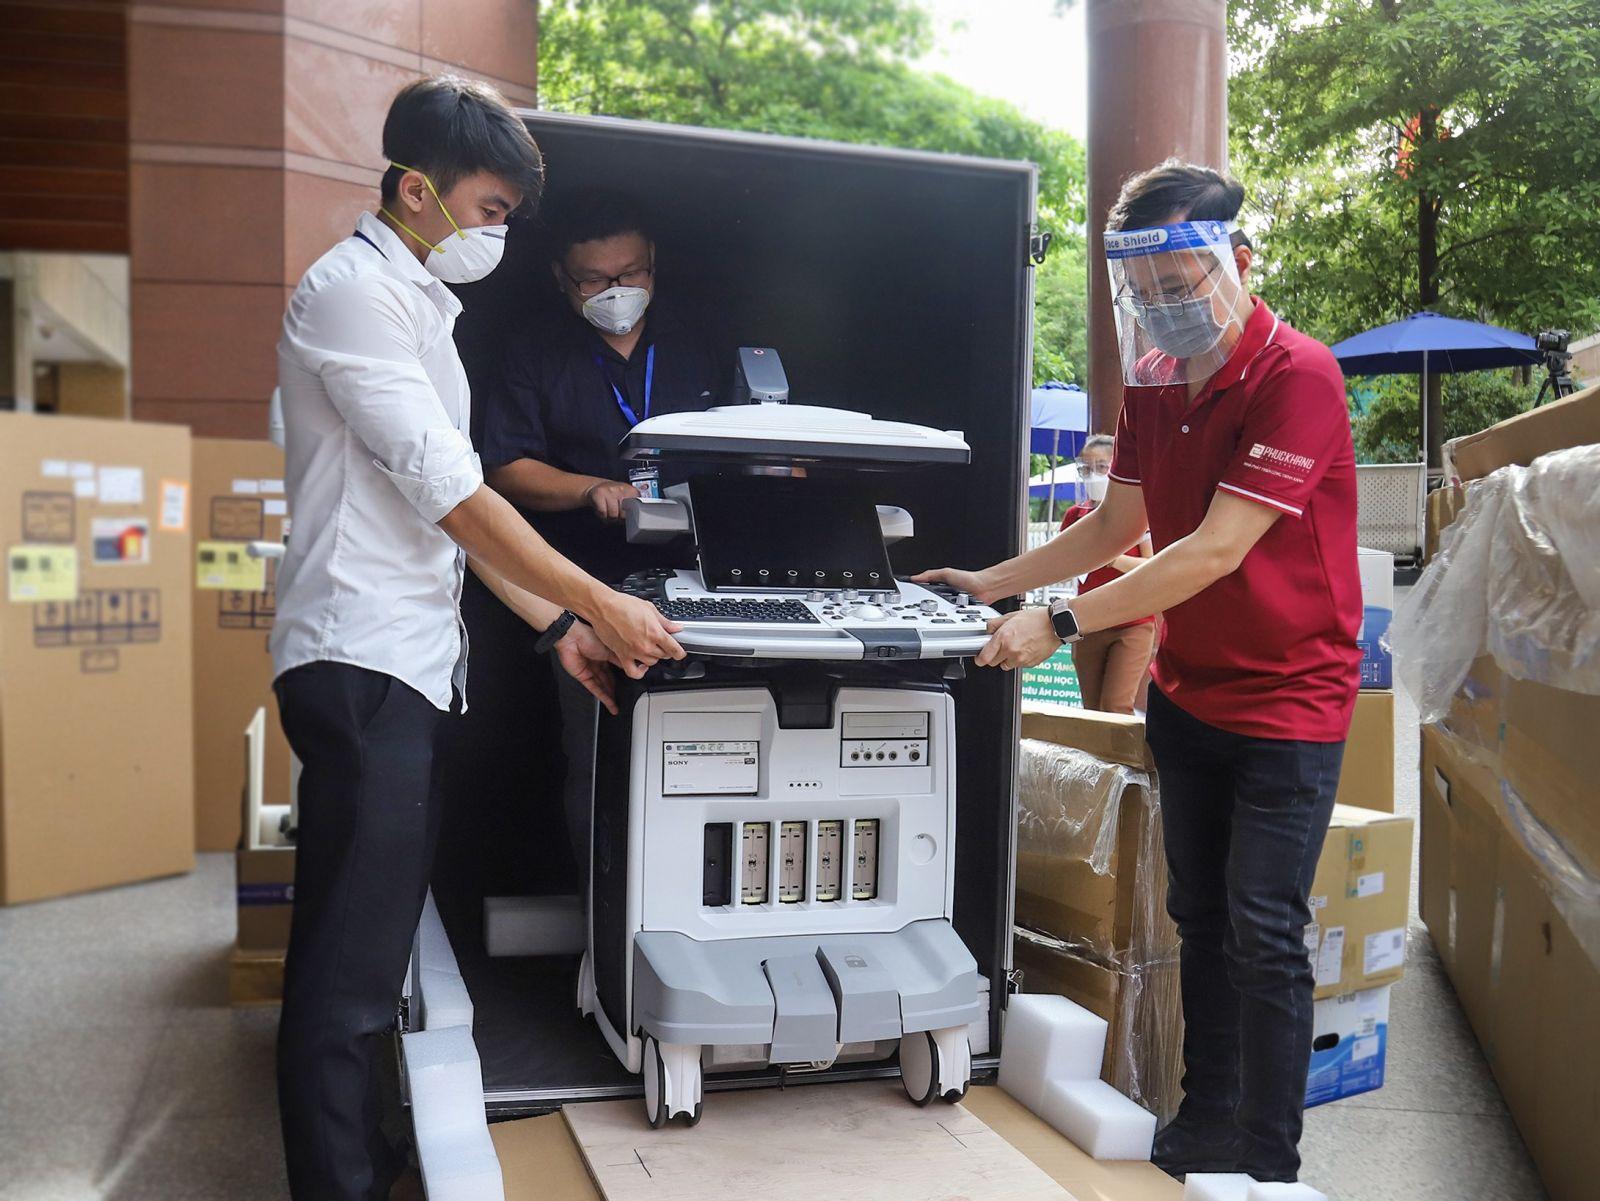 Máy siêu âm DOPPLER MÀU với công nghệ tiên tiến,hiện đại nhất thế giới được Phuc Khang Corporation trao tặng cho BV ĐHYD TP.HCM